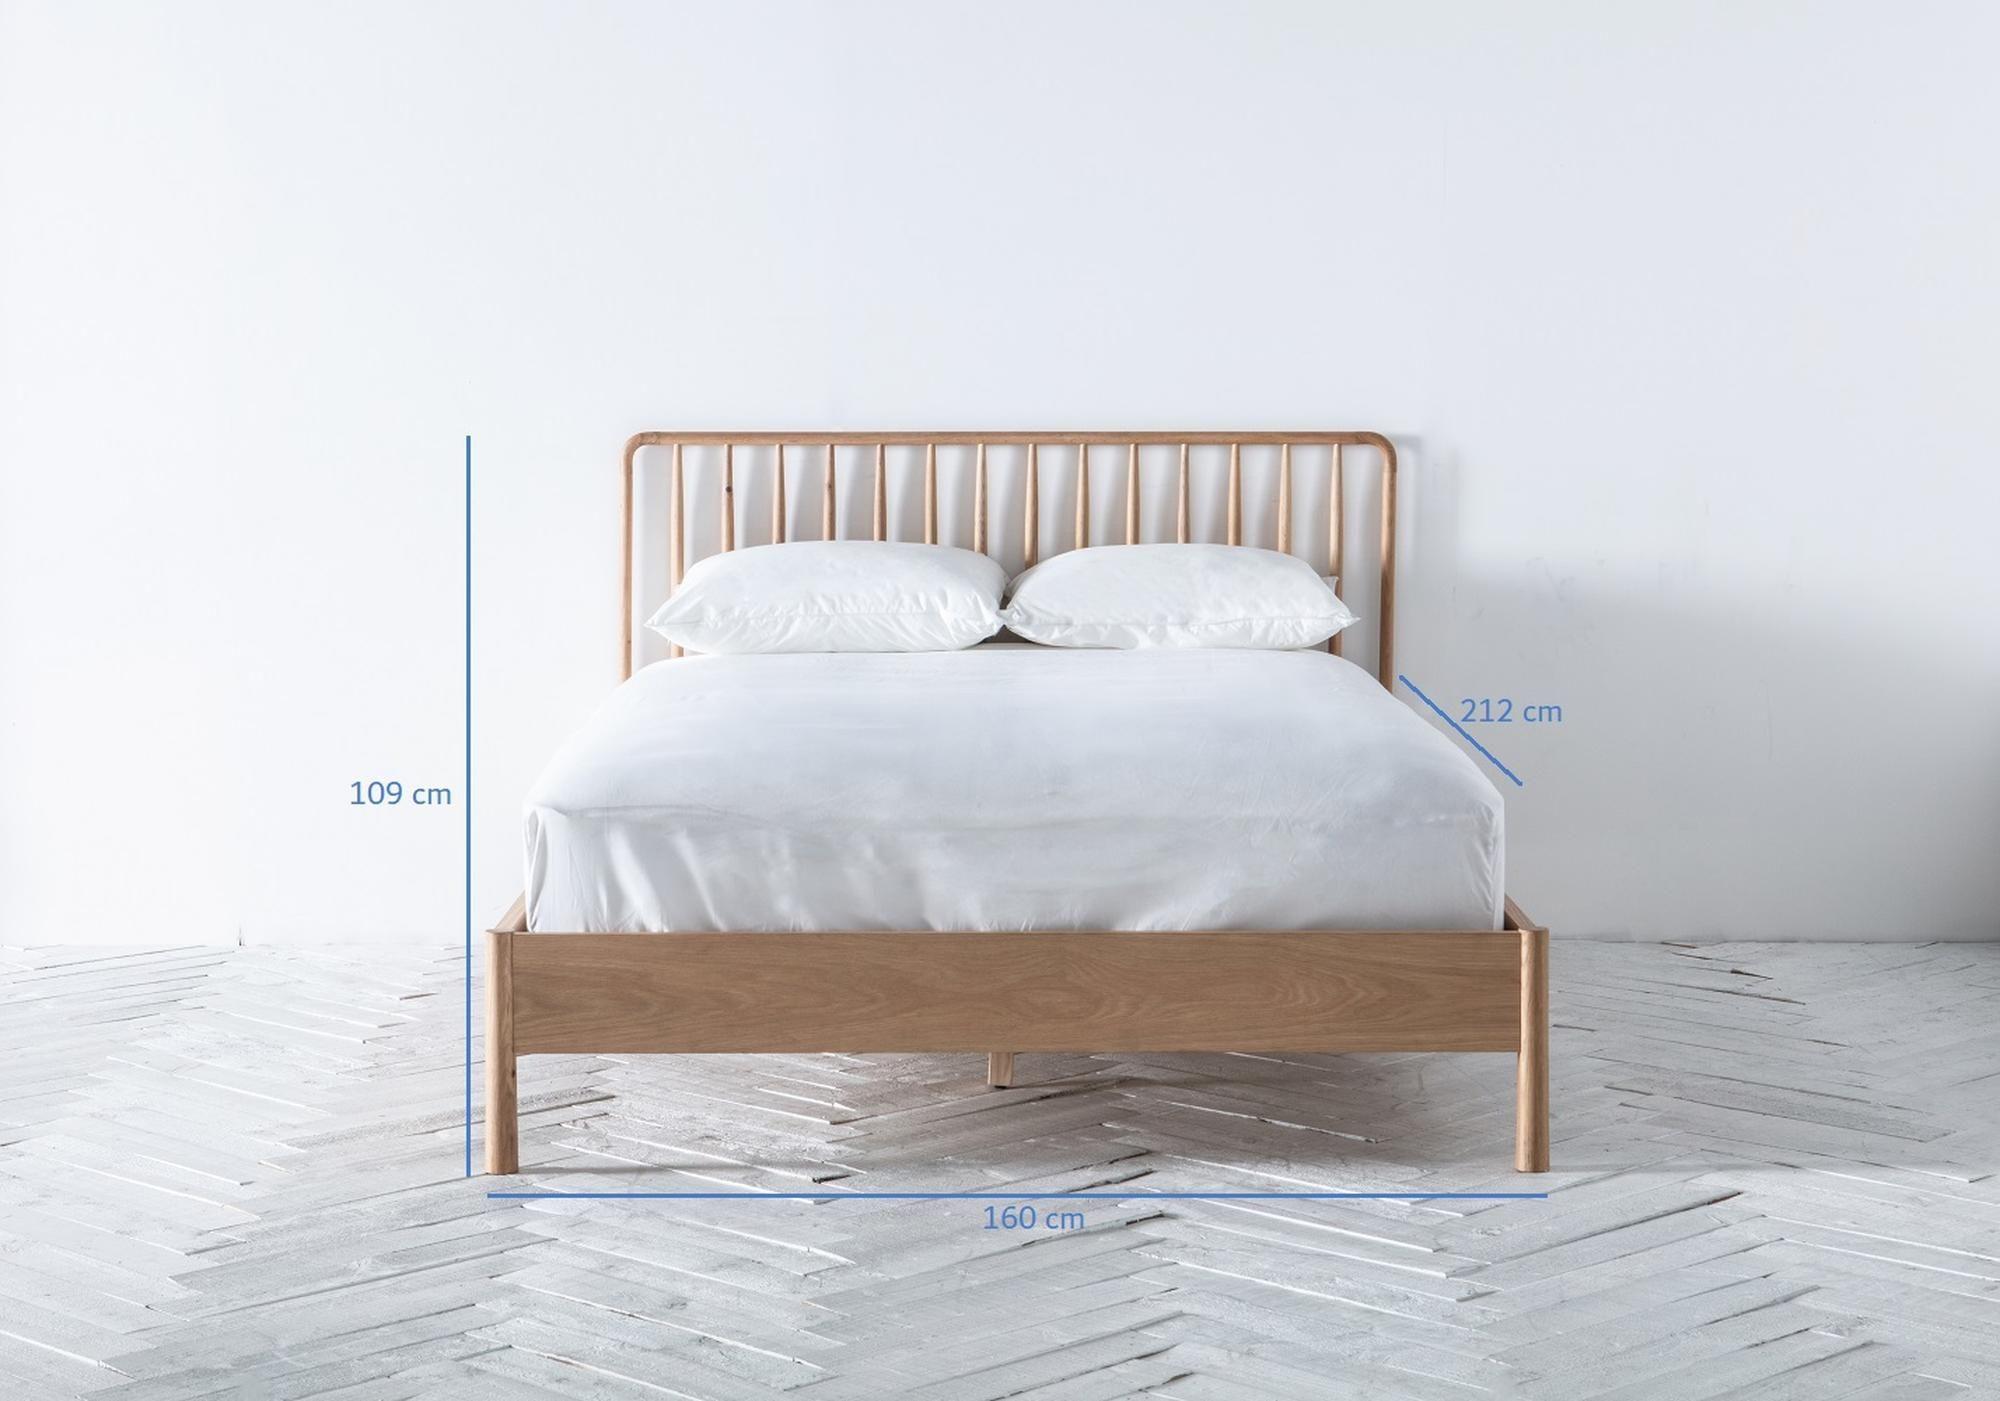 Rebecca 5' Oak King Bed Frame in 2020 King bed frame